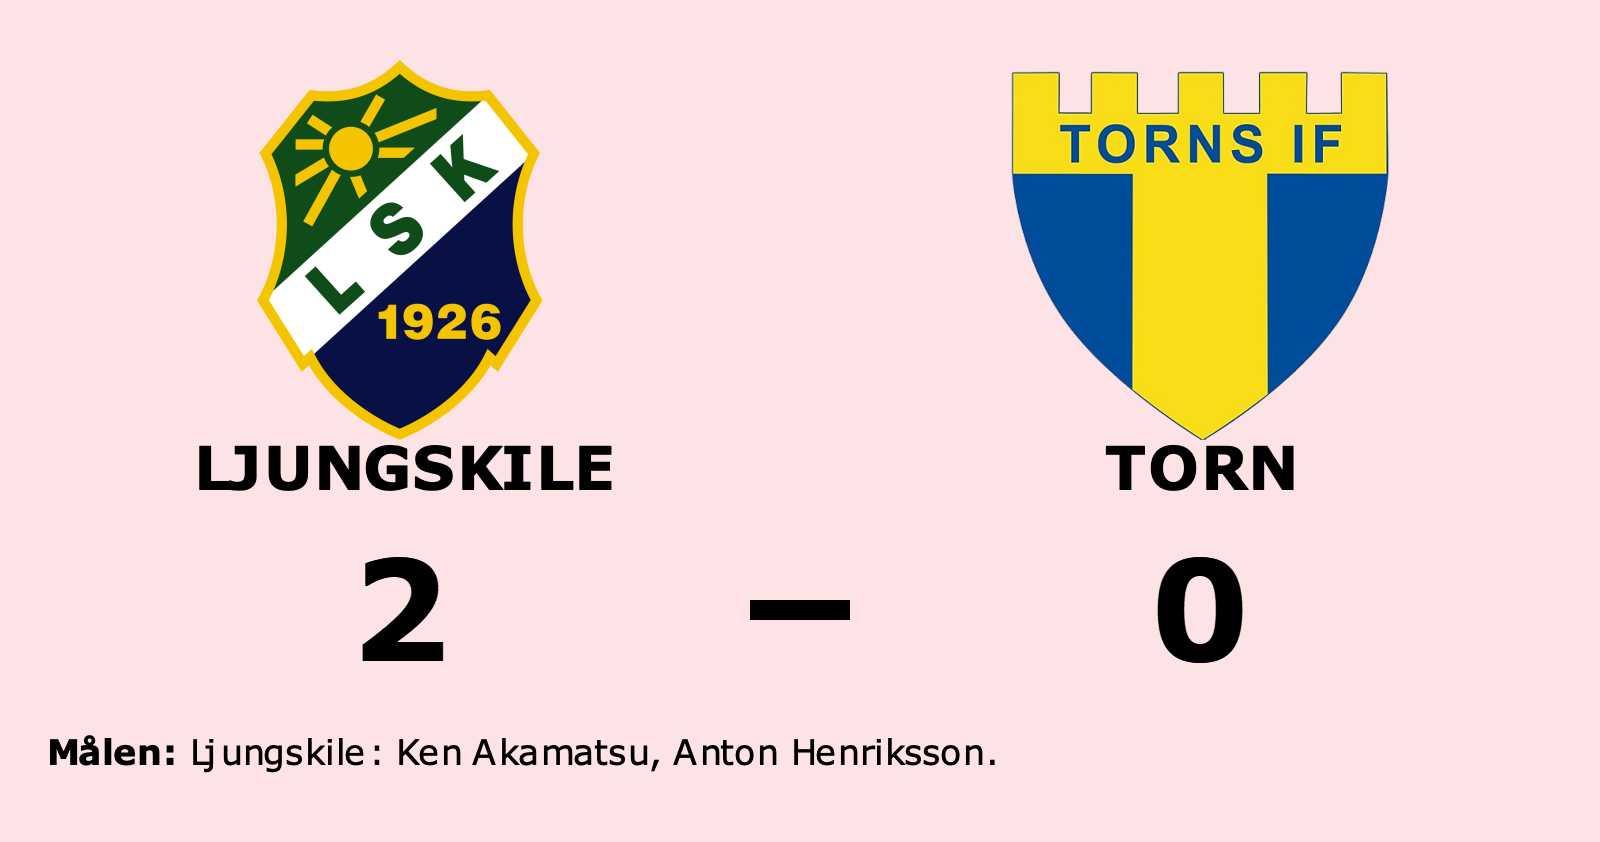 Ken Akamatsu och Anton Henriksson målgörare i Ljungskiles seger